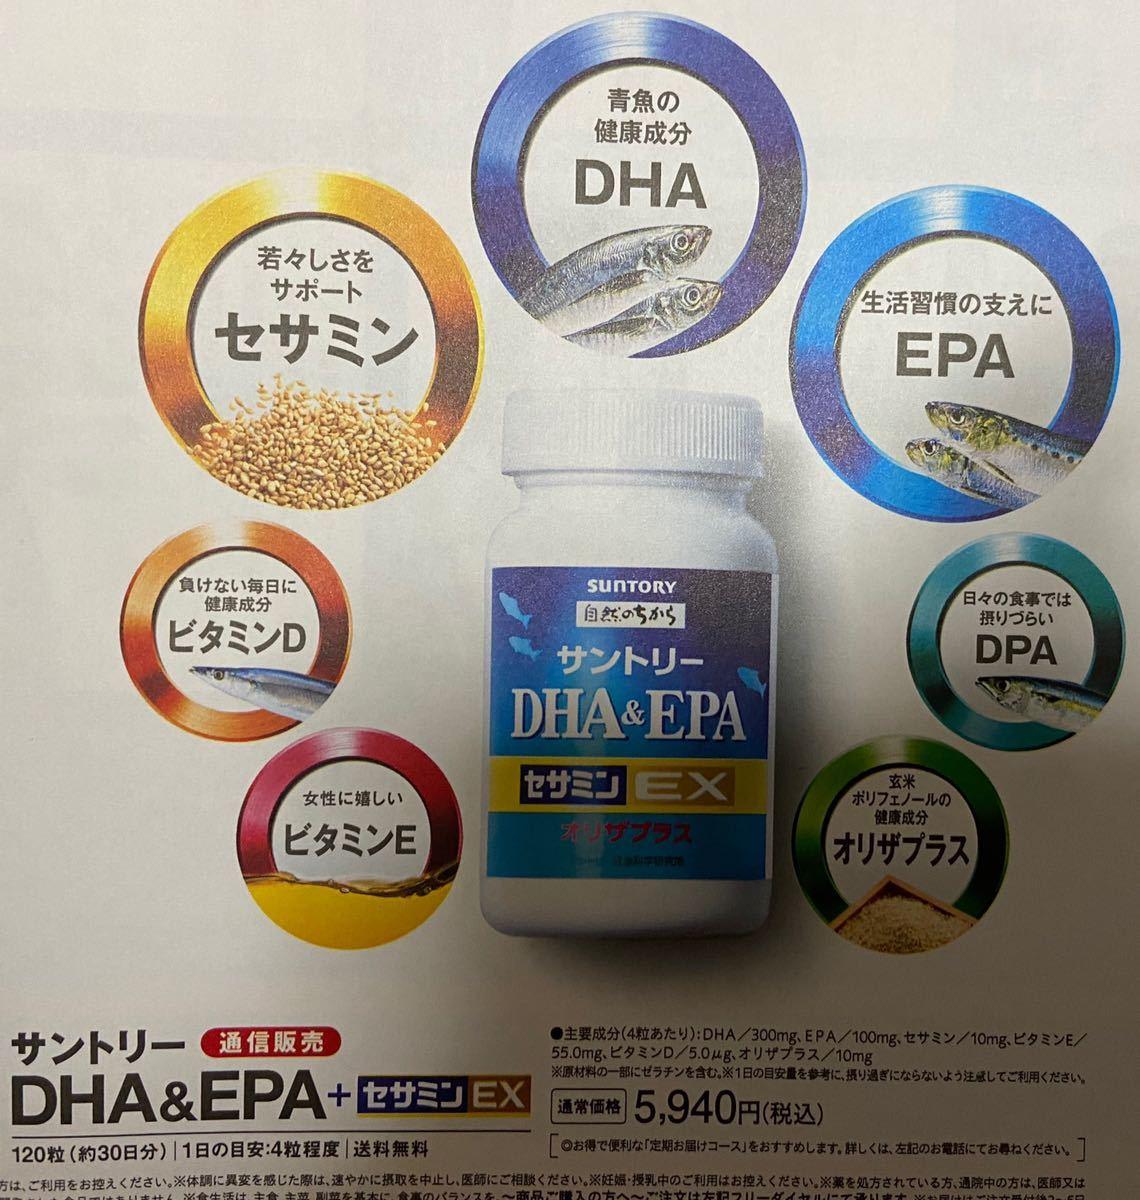 サントリーDHA&EPA サントリーセサミンEX サントリーサプリメント 健康食品 定価5940円→無料→申込用紙1枚 無料応募用紙1枚_画像1